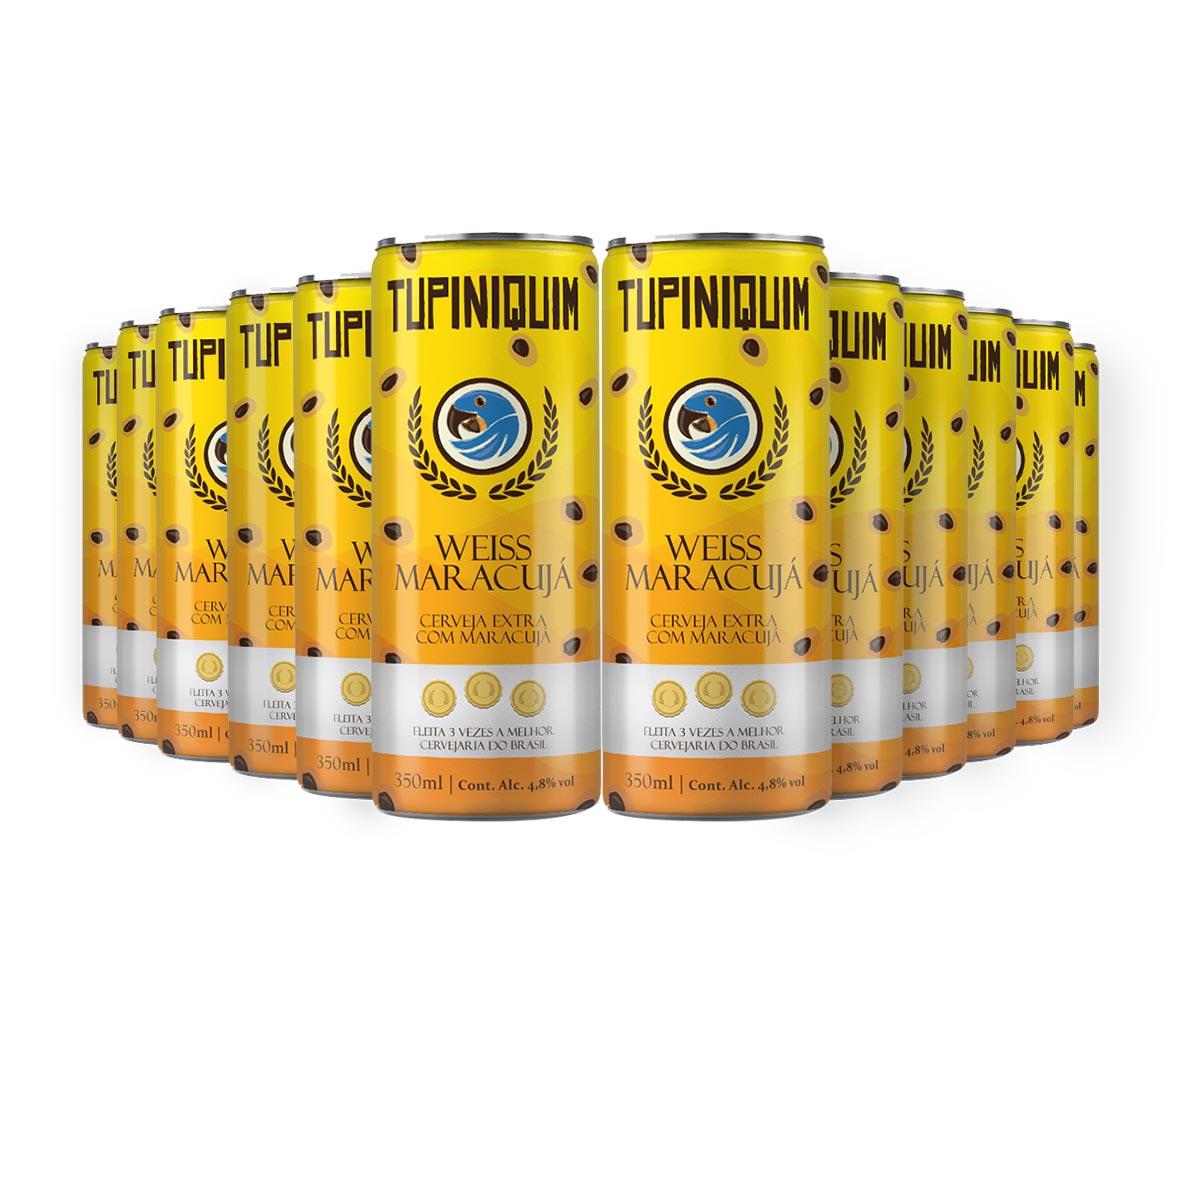 Pack Tupiniquim Weiss Maracujá 12 cervejas 350ml